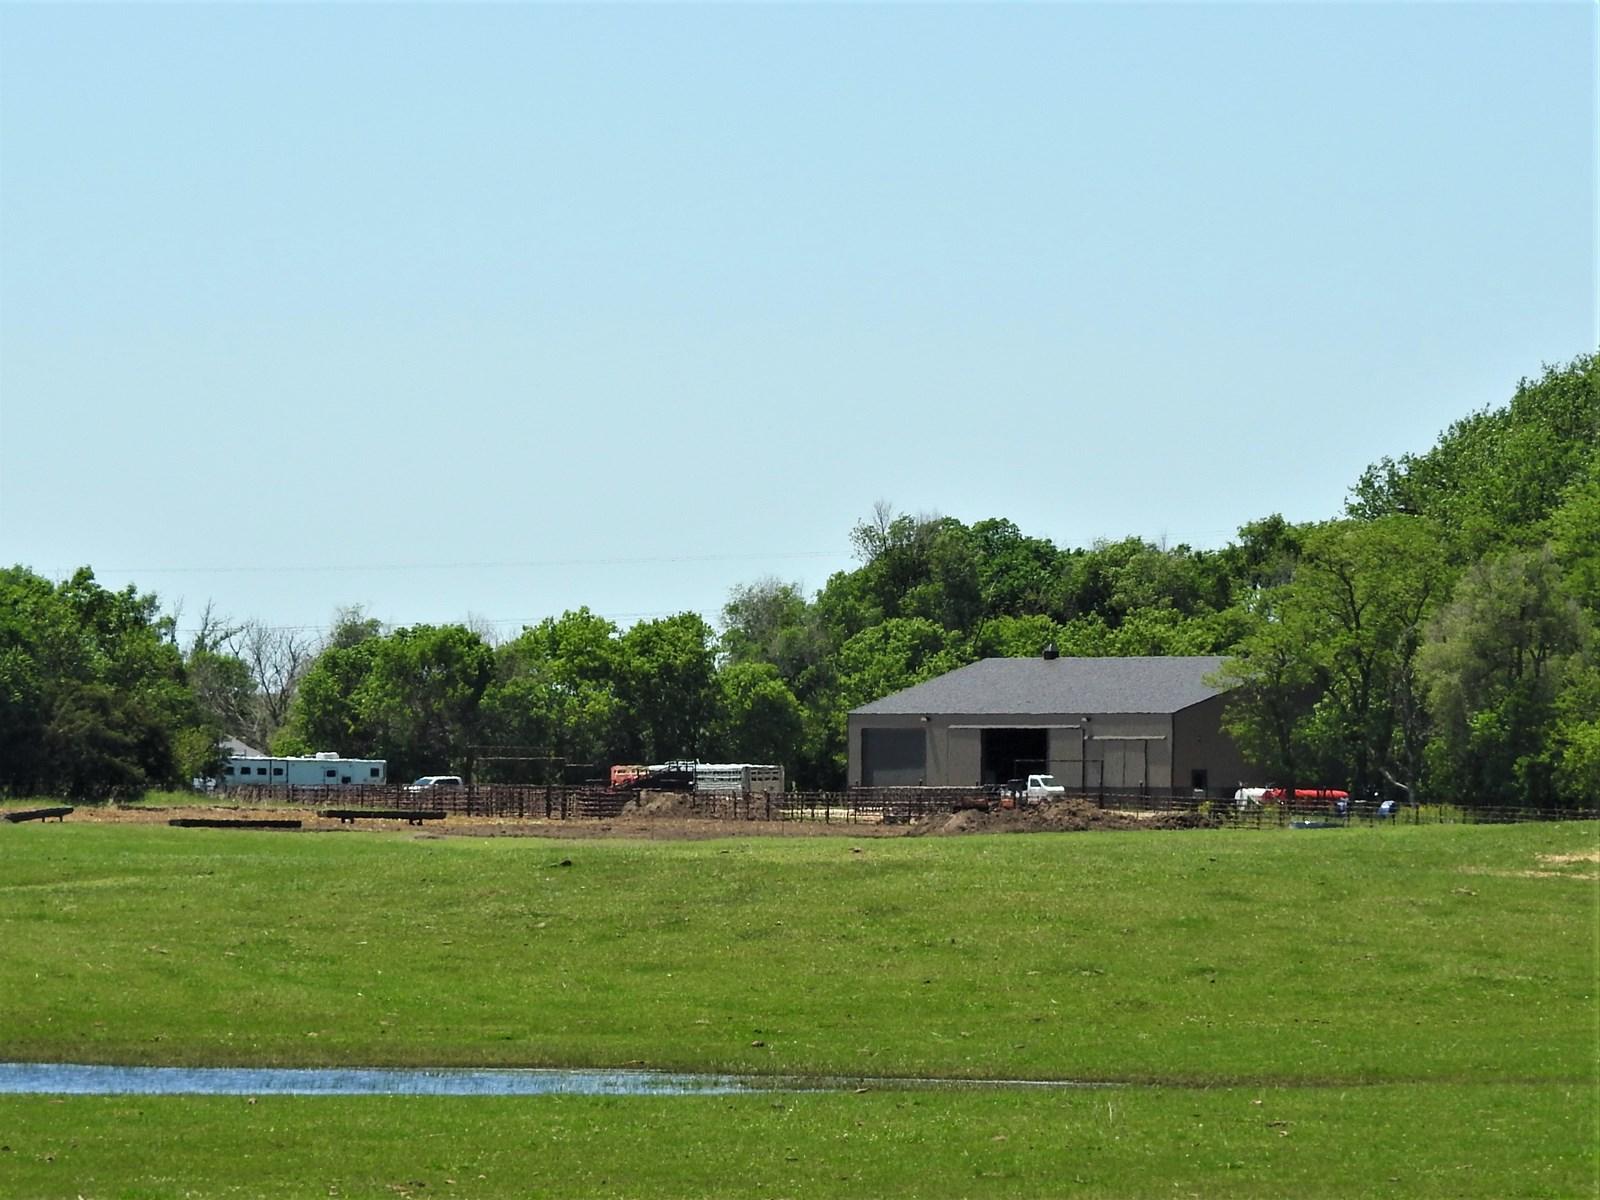 Nebraska Purebred Cattle Headquarters & Feedlot For Sale